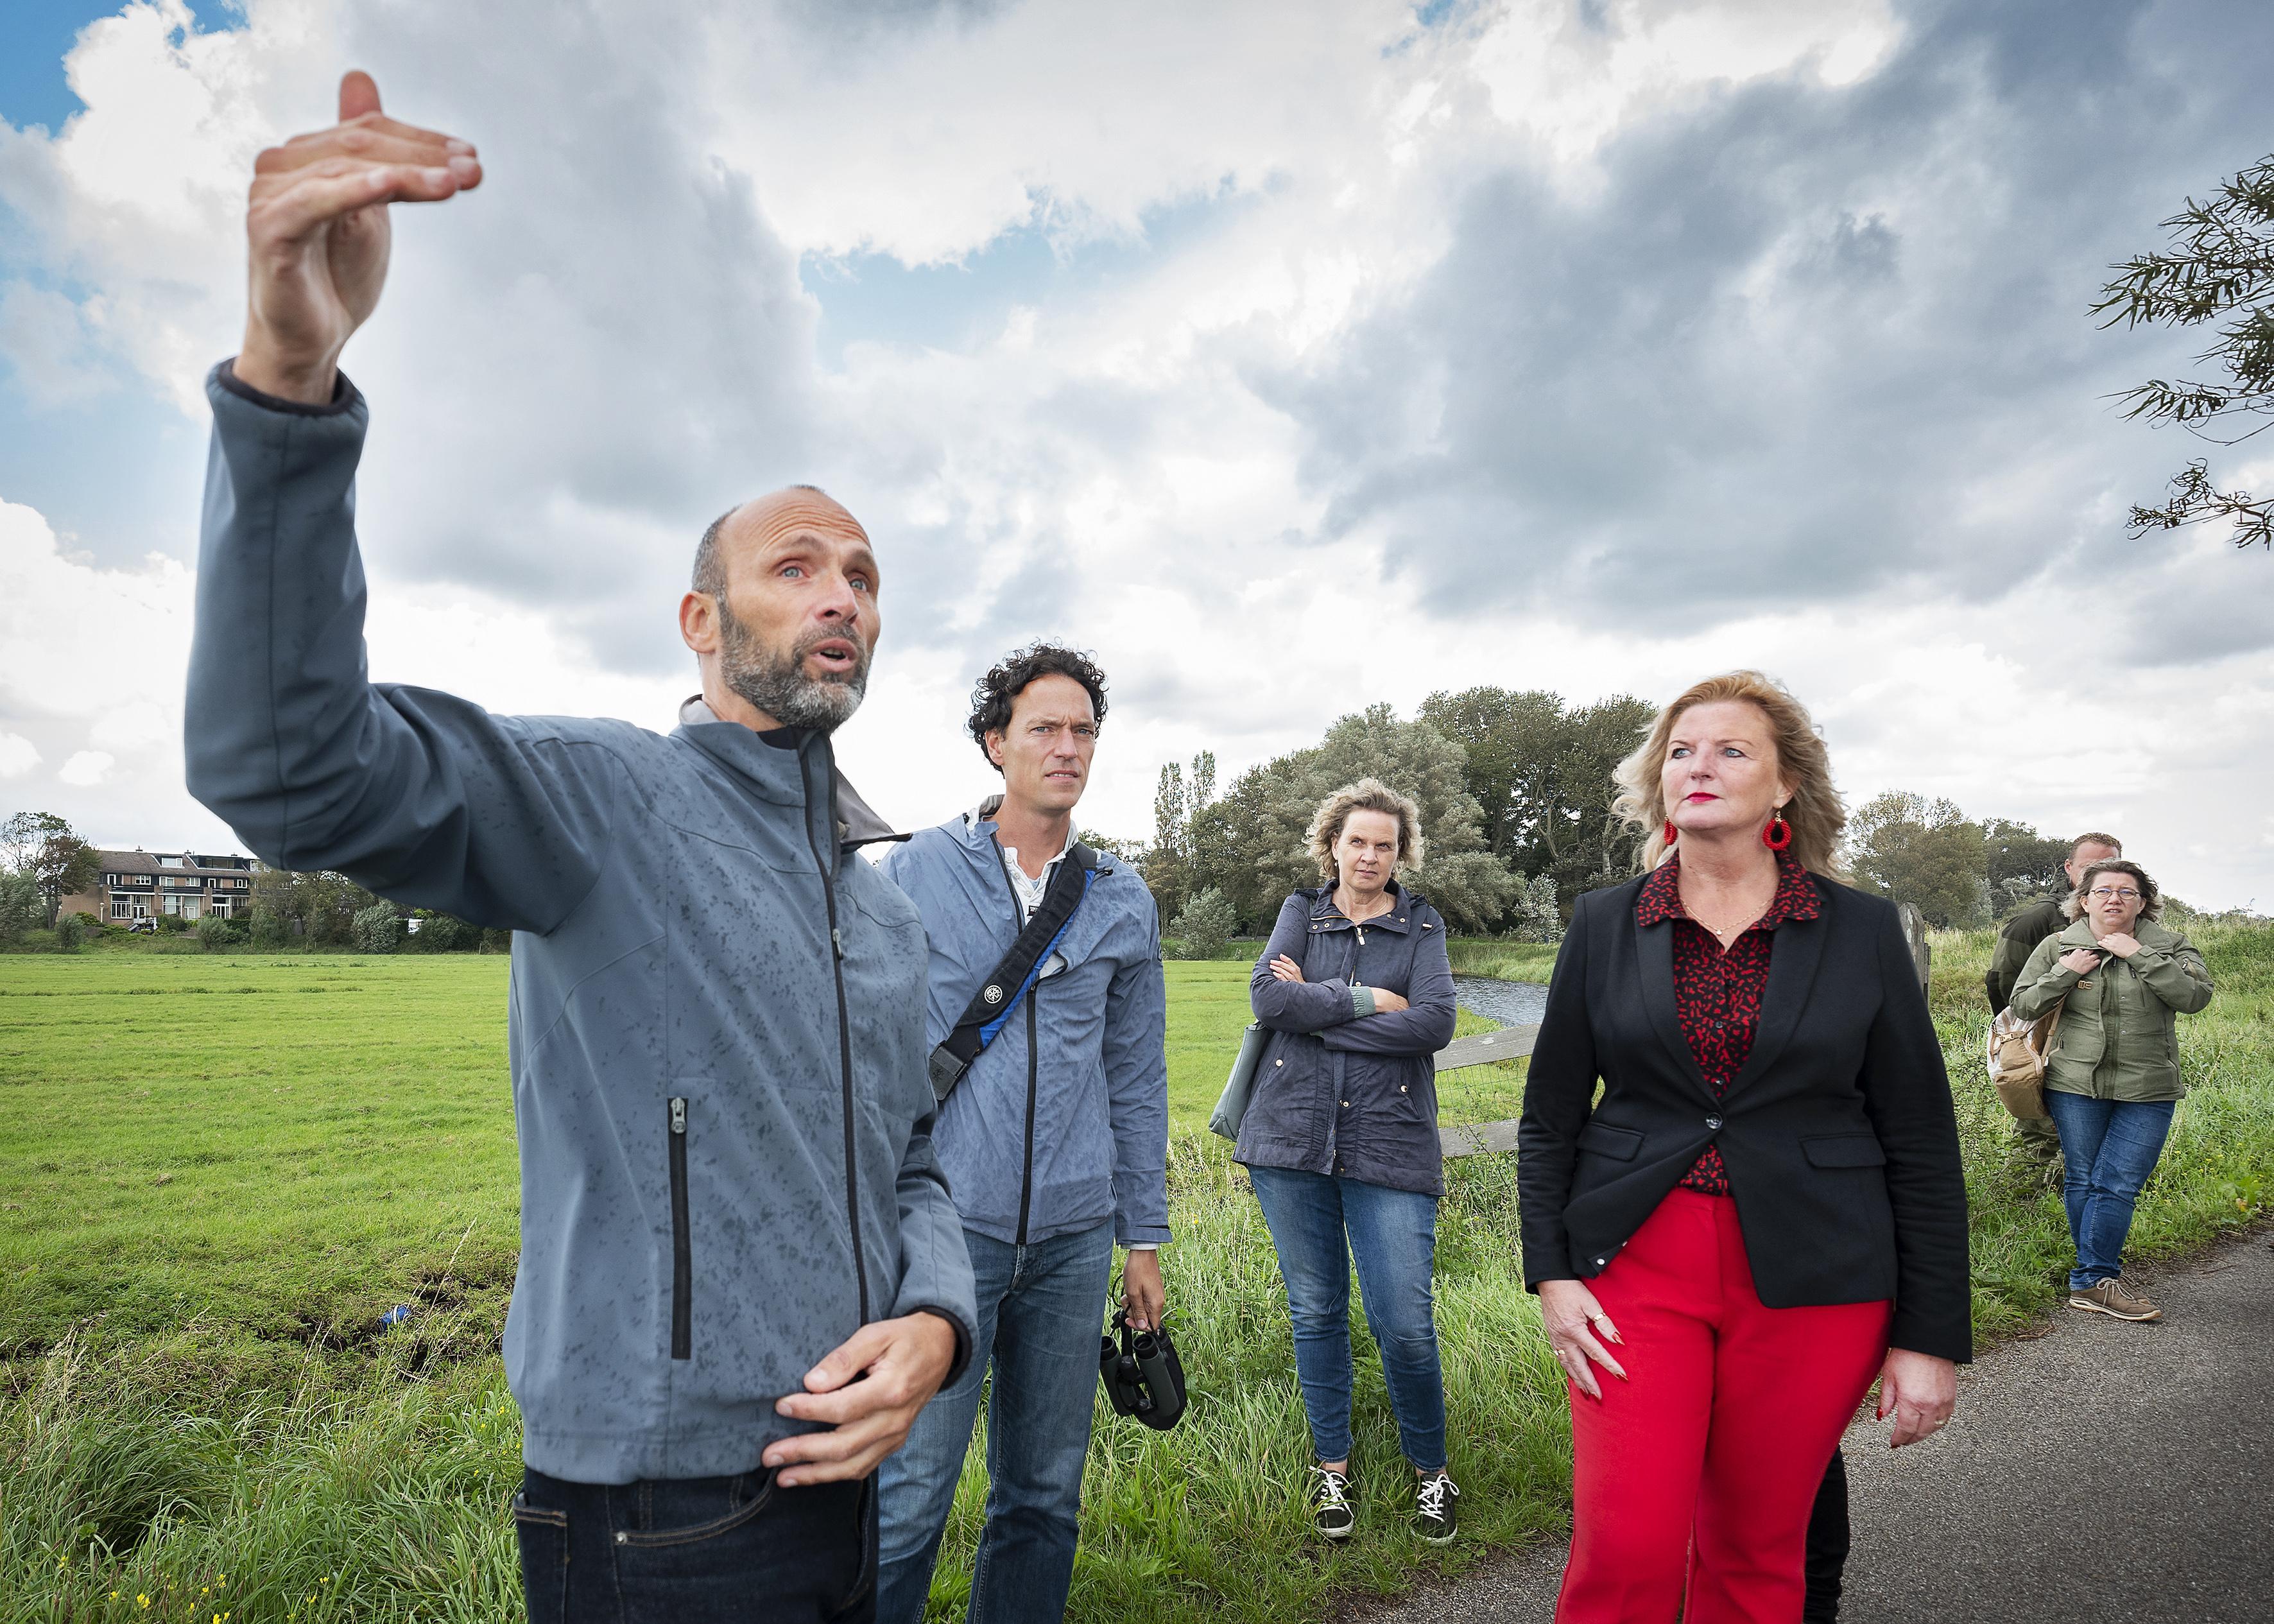 Als een slachthuis met glazen wanden, buurtbewoners Haarlem-Molenwijk willen af van bloederige ganzenjacht